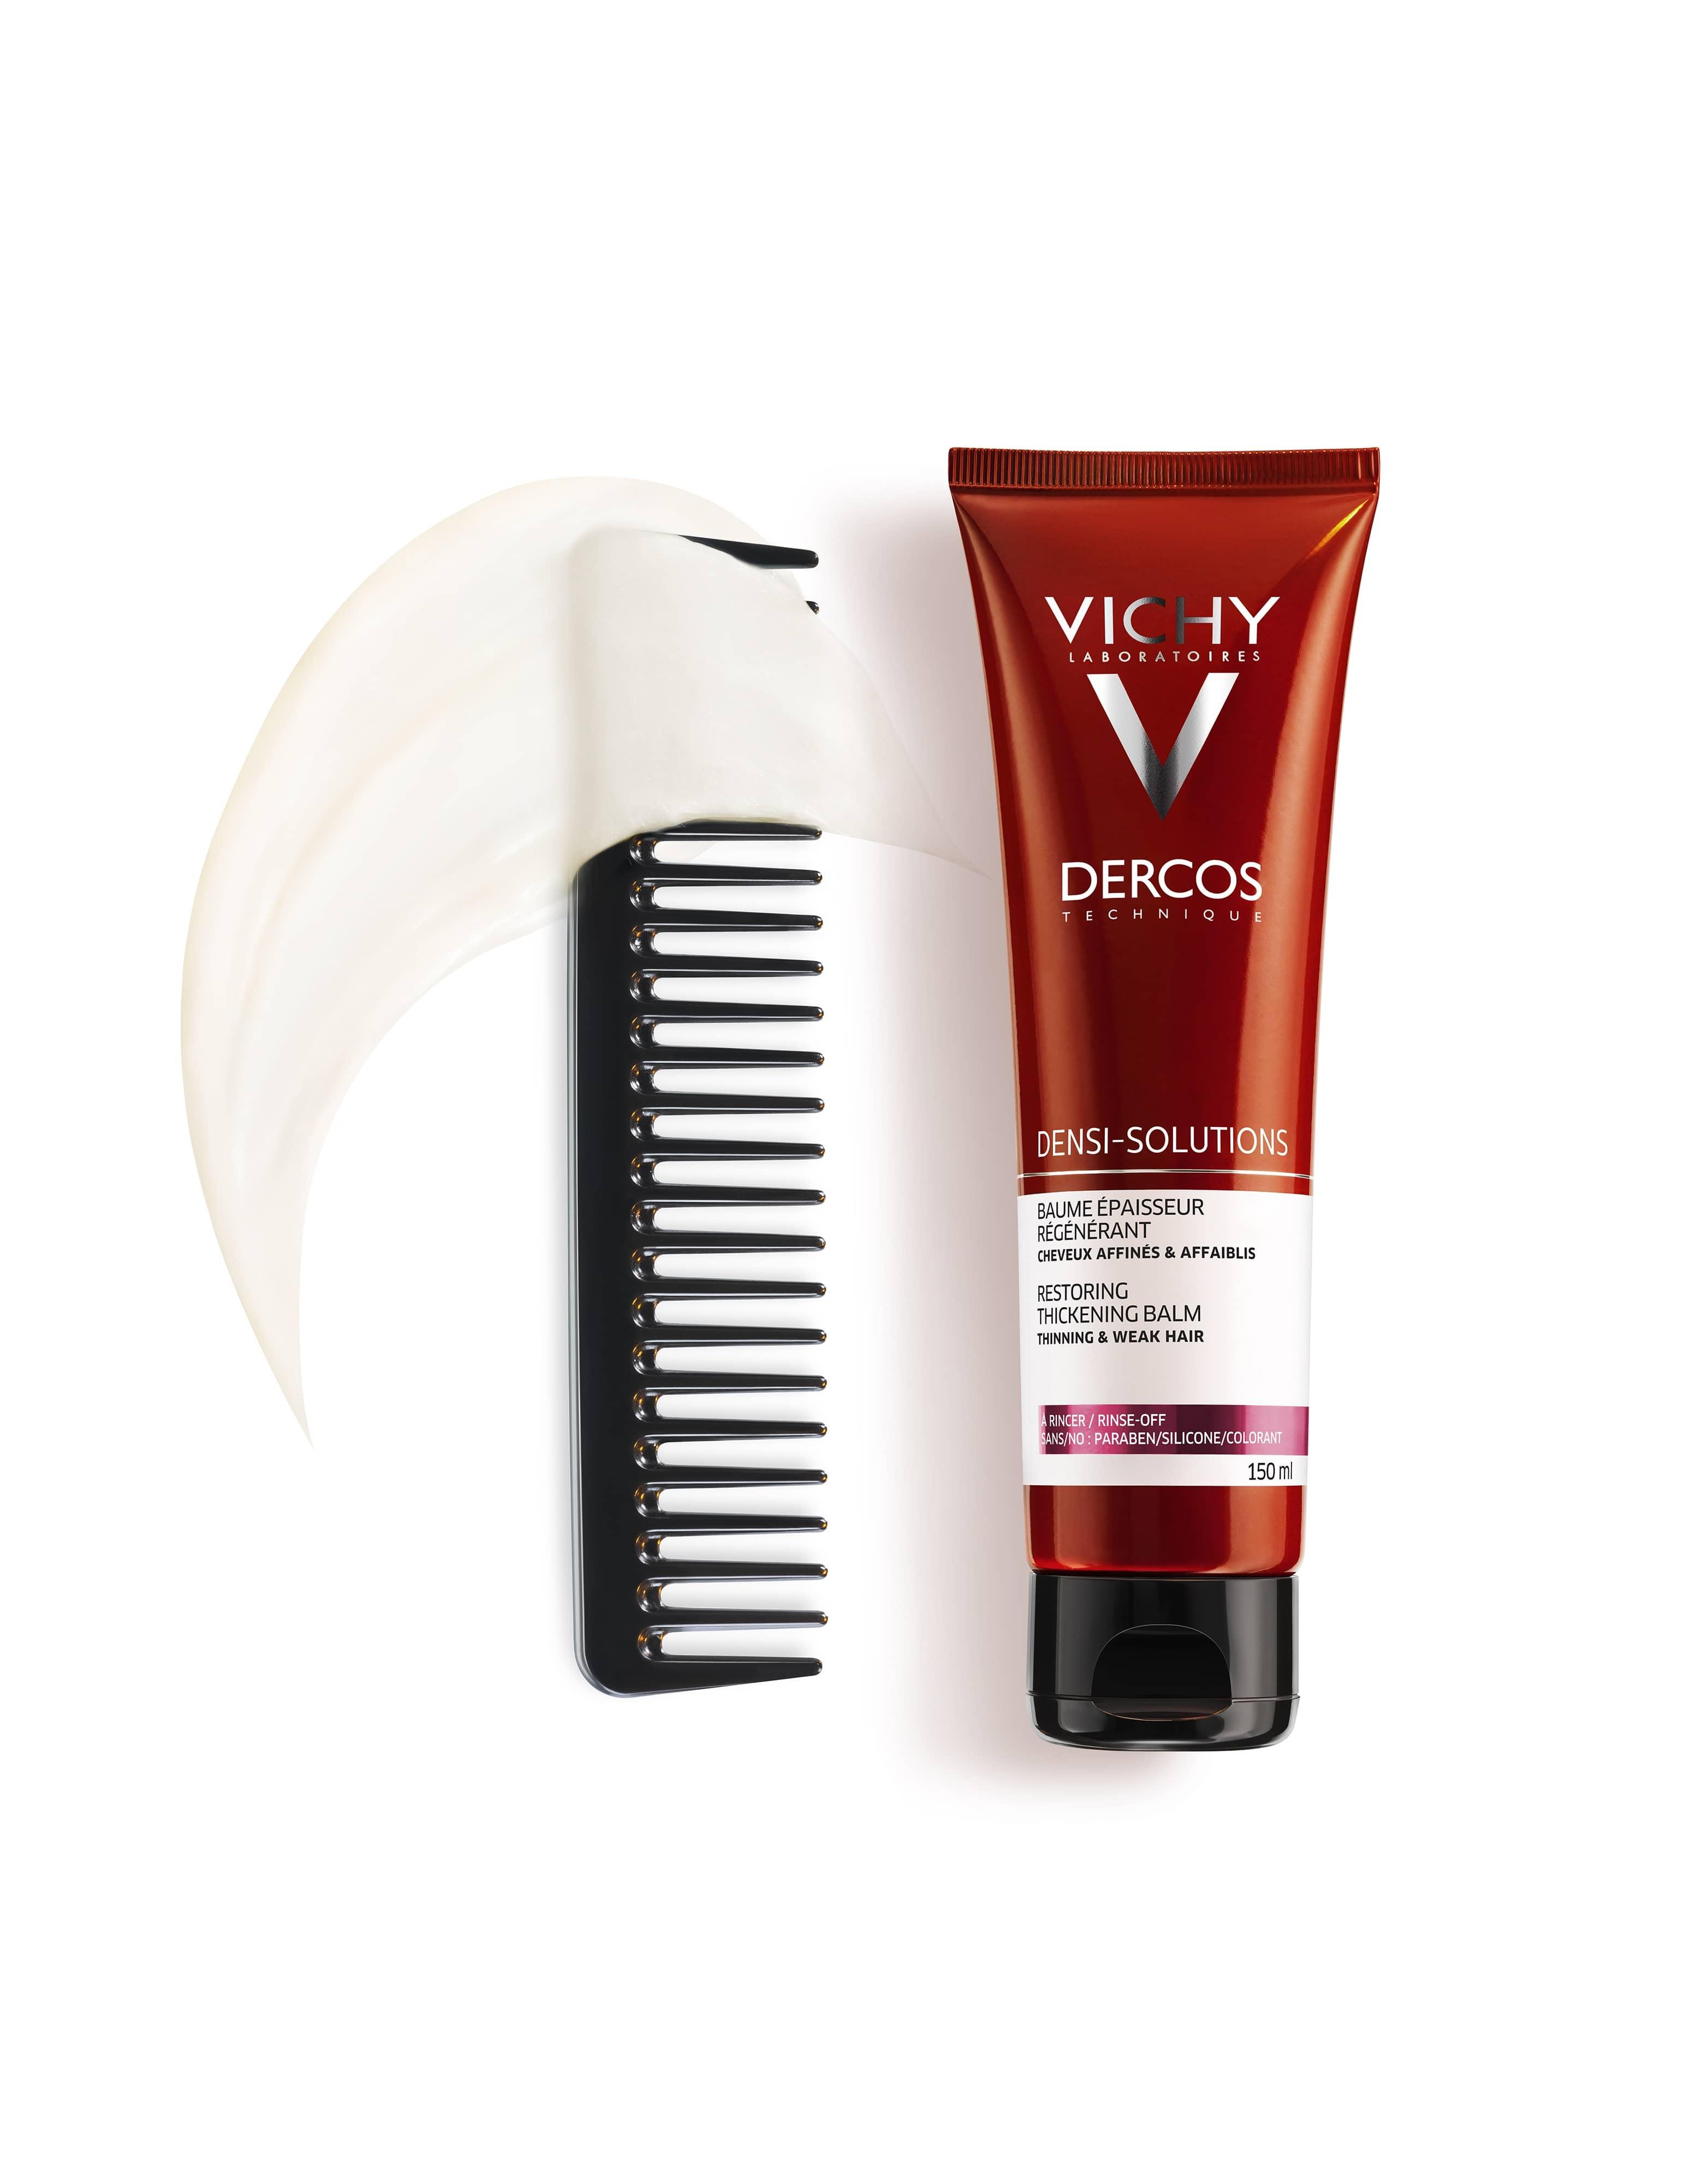 Densi-Solutions - Saçı Dolgunlaştırıcı Saç Maskesi